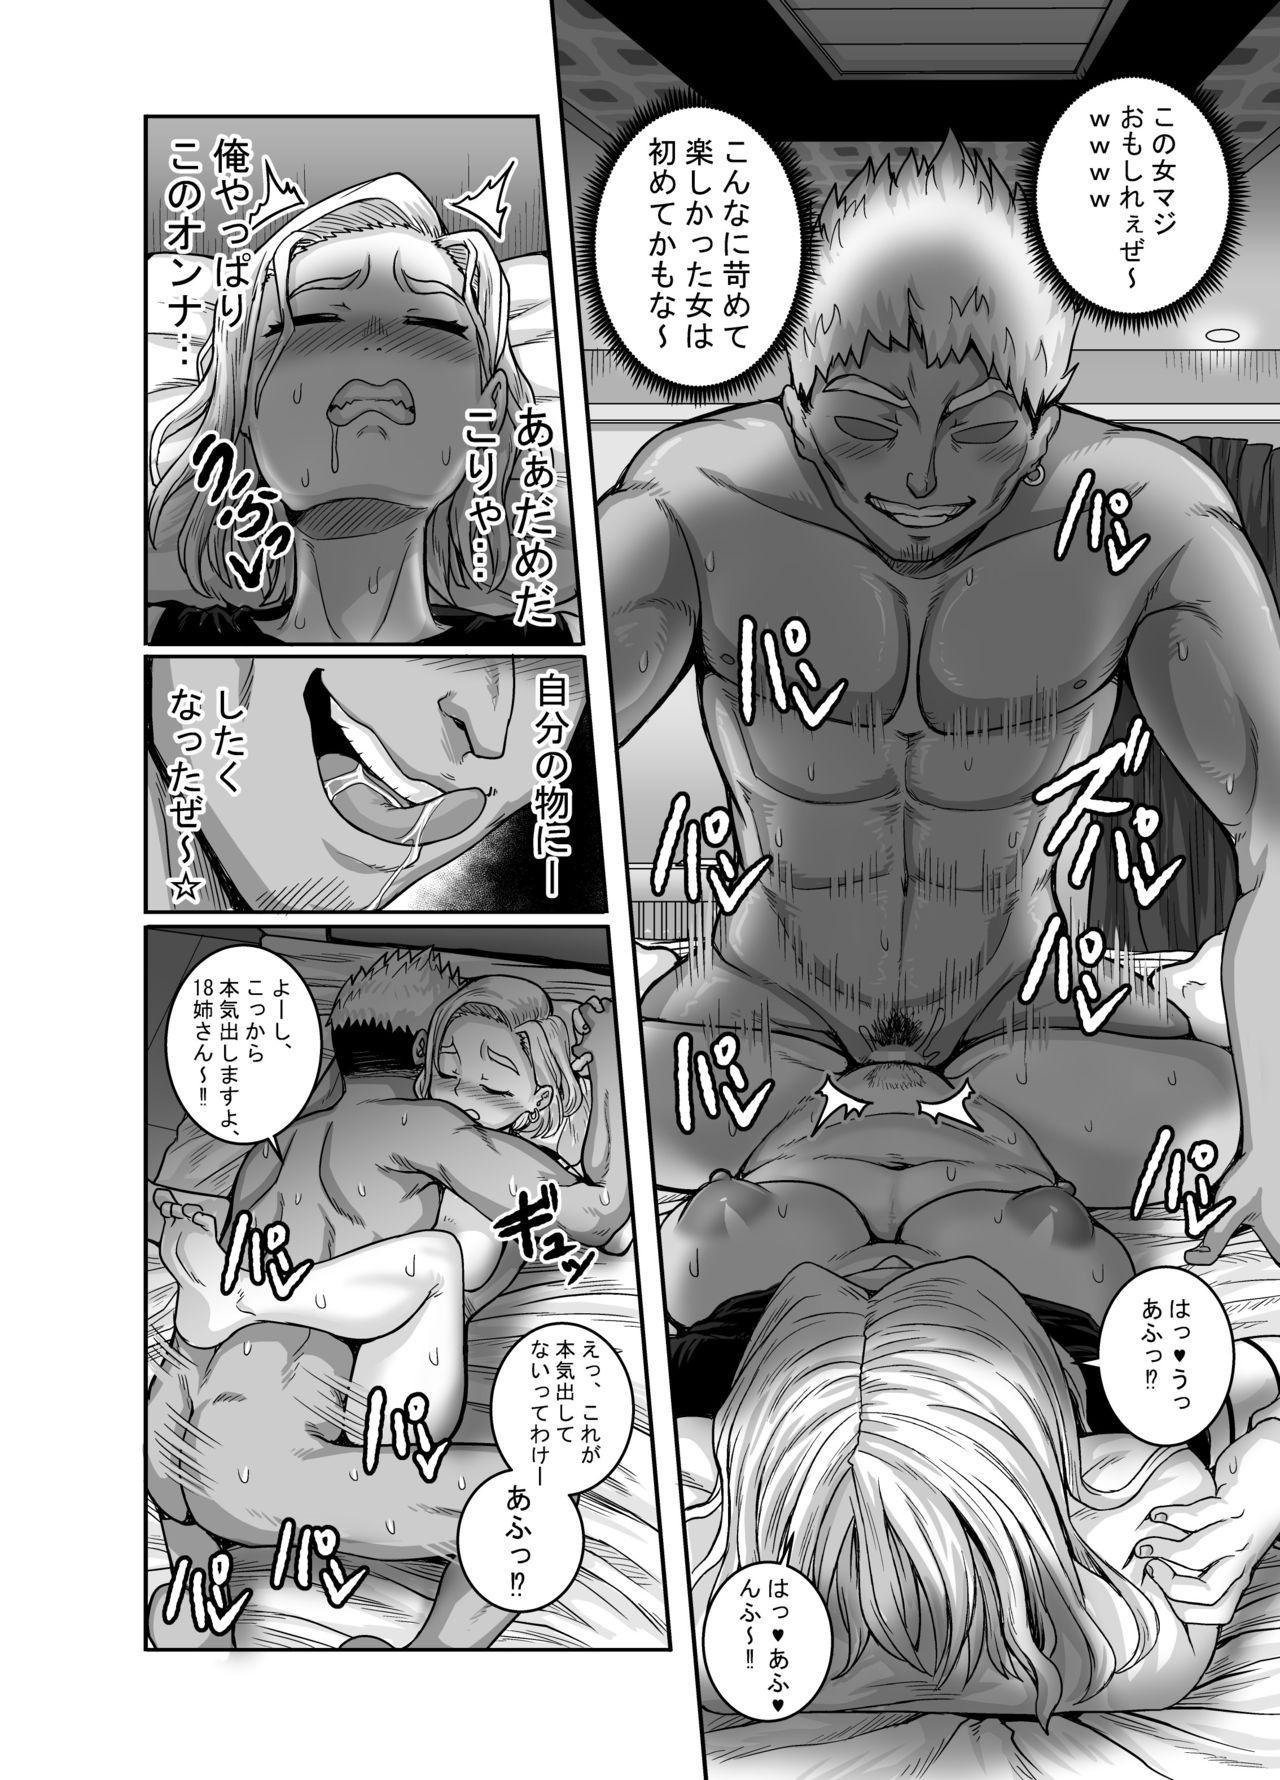 性欲に勝てないオンナ(人造人間)+ フルカラー4ページ漫画(ラフタリア&ツナデ) 14